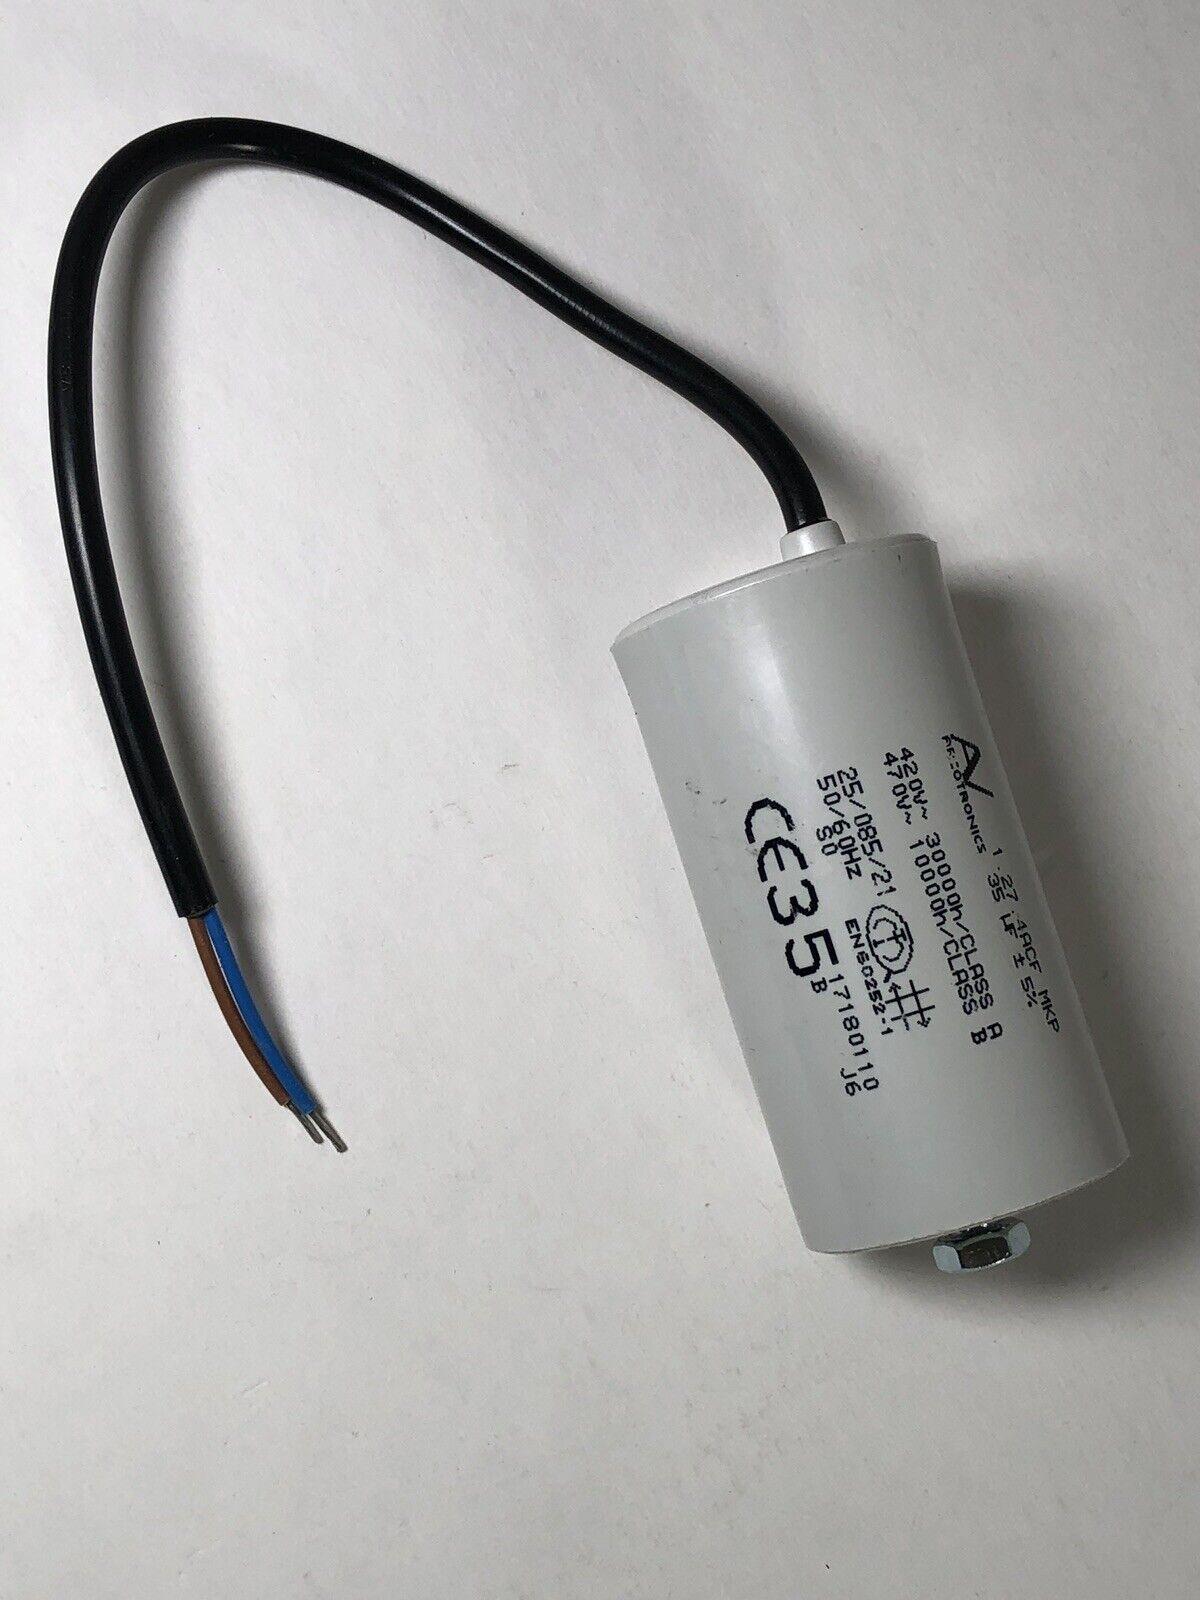 4uF 420V//470V ±5/% ARCOTRONICS Capacitor C.87.1AF1 MKP EN60252 NOS 1 pcs